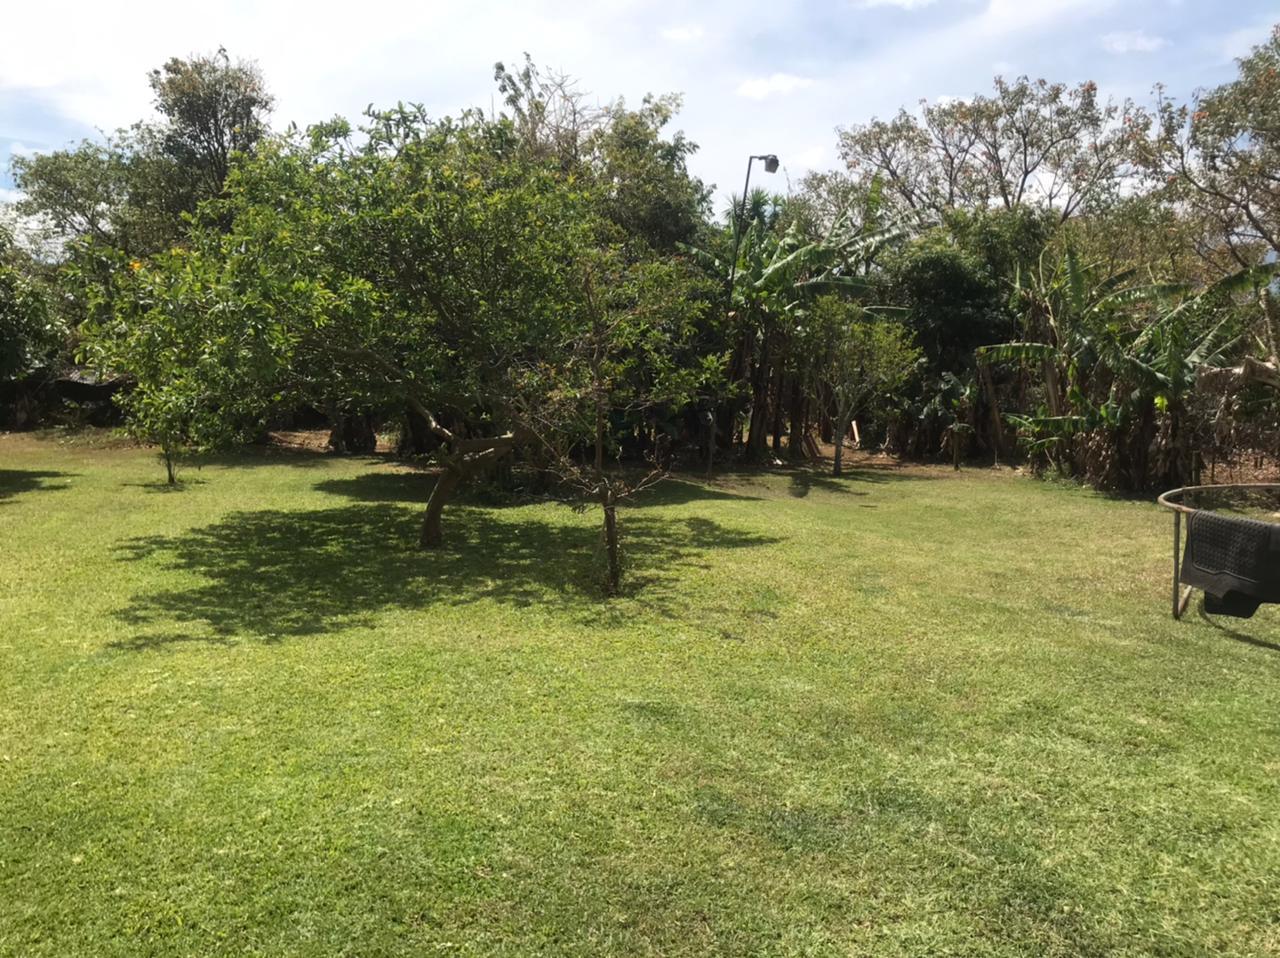 Venta de terreno de 2500 m2 en Barva, Heredia